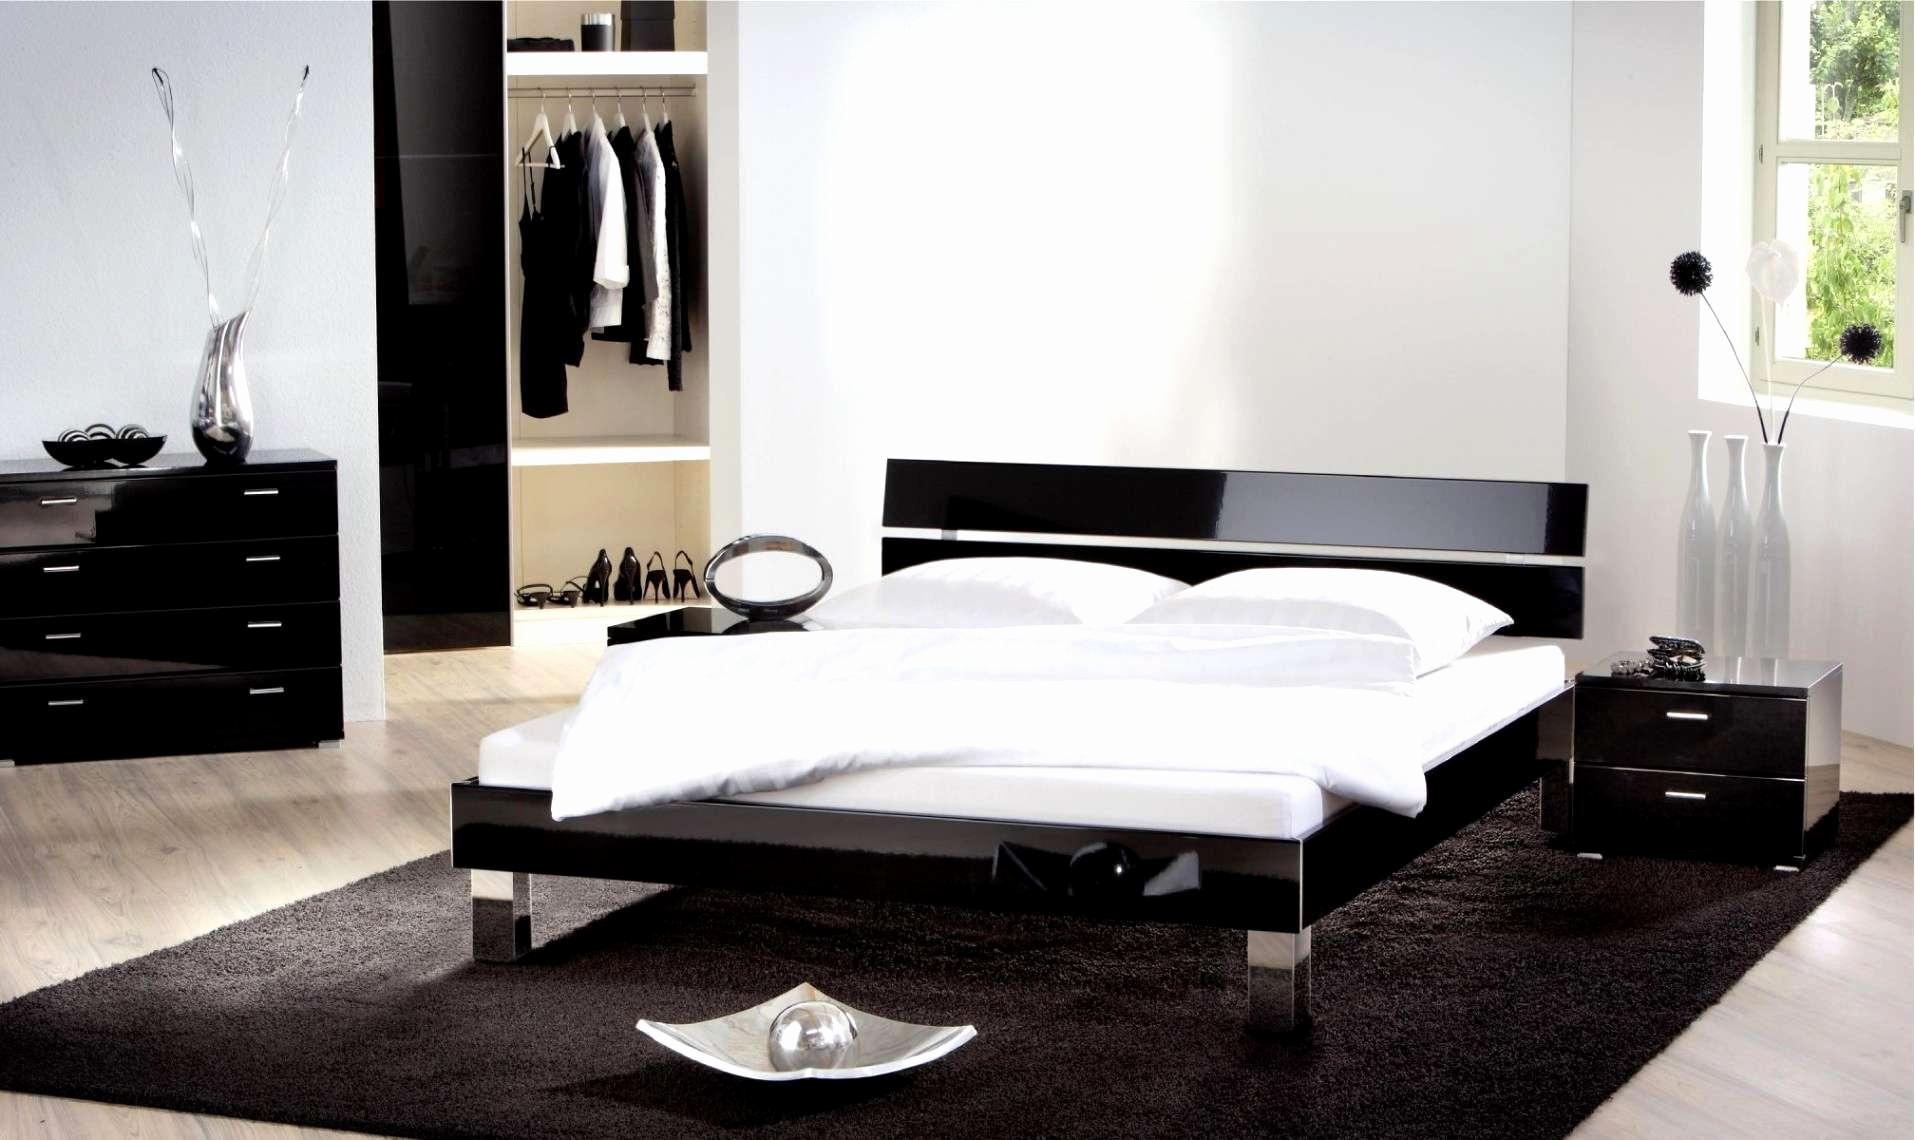 ideen 40 geburtstag genial deko auf esstisch genial regal schlafzimmer 0d archives neu deko of ideen 40 geburtstag